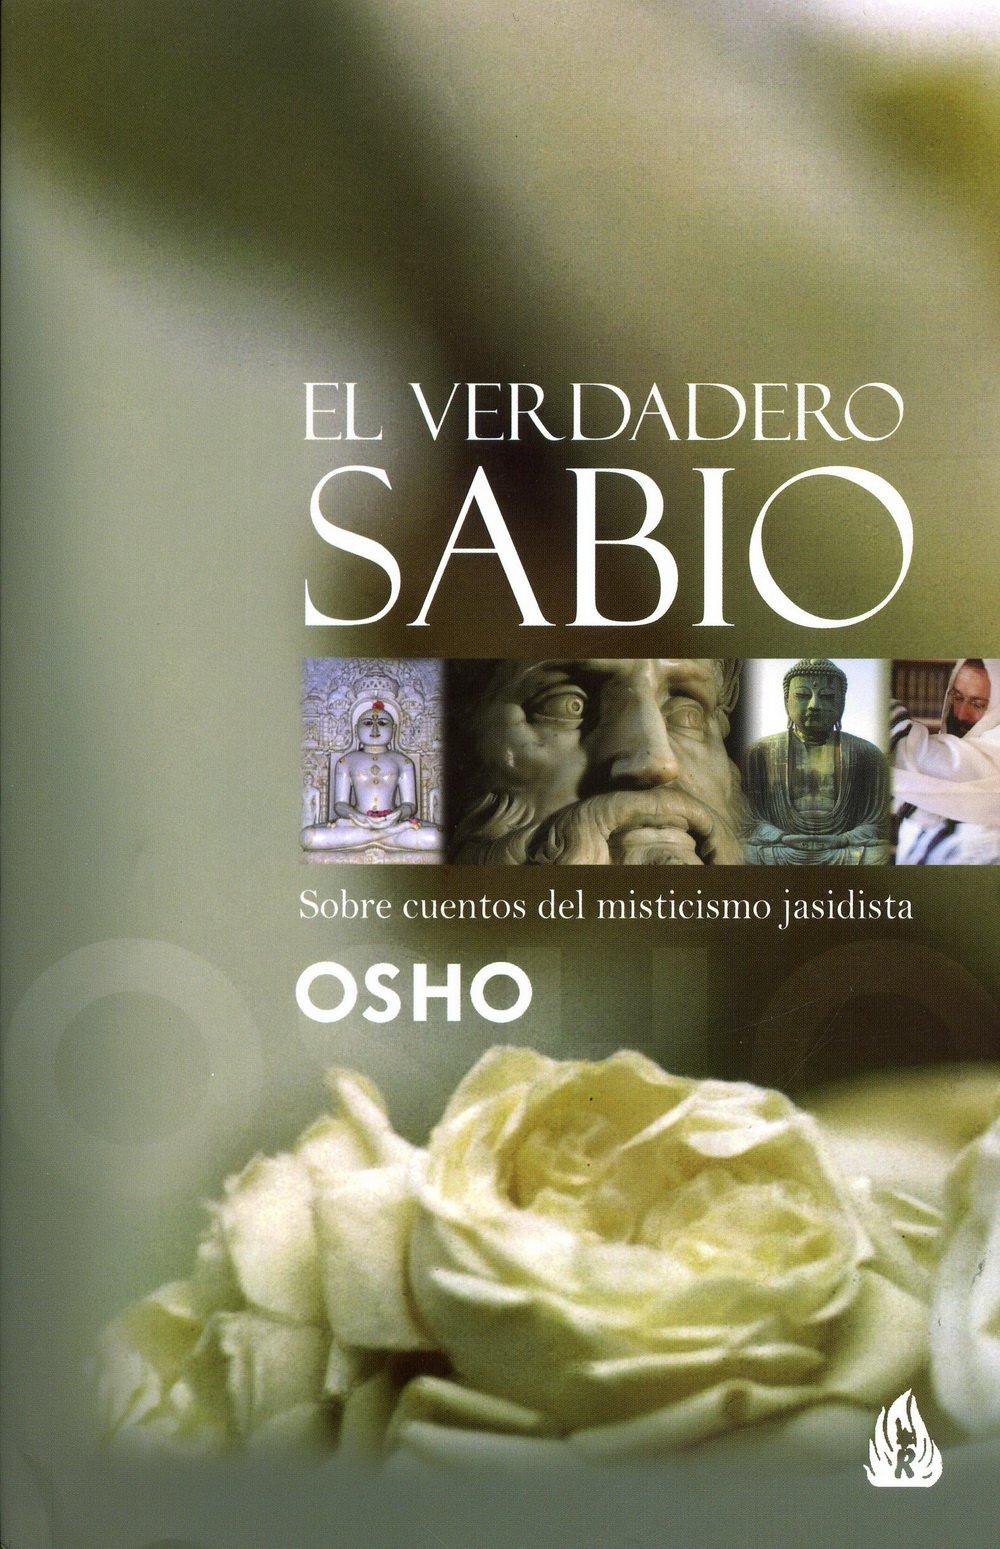 El verdadero sabio: Sobre cuentos del misticismo jasidista (Osho Gulaab)